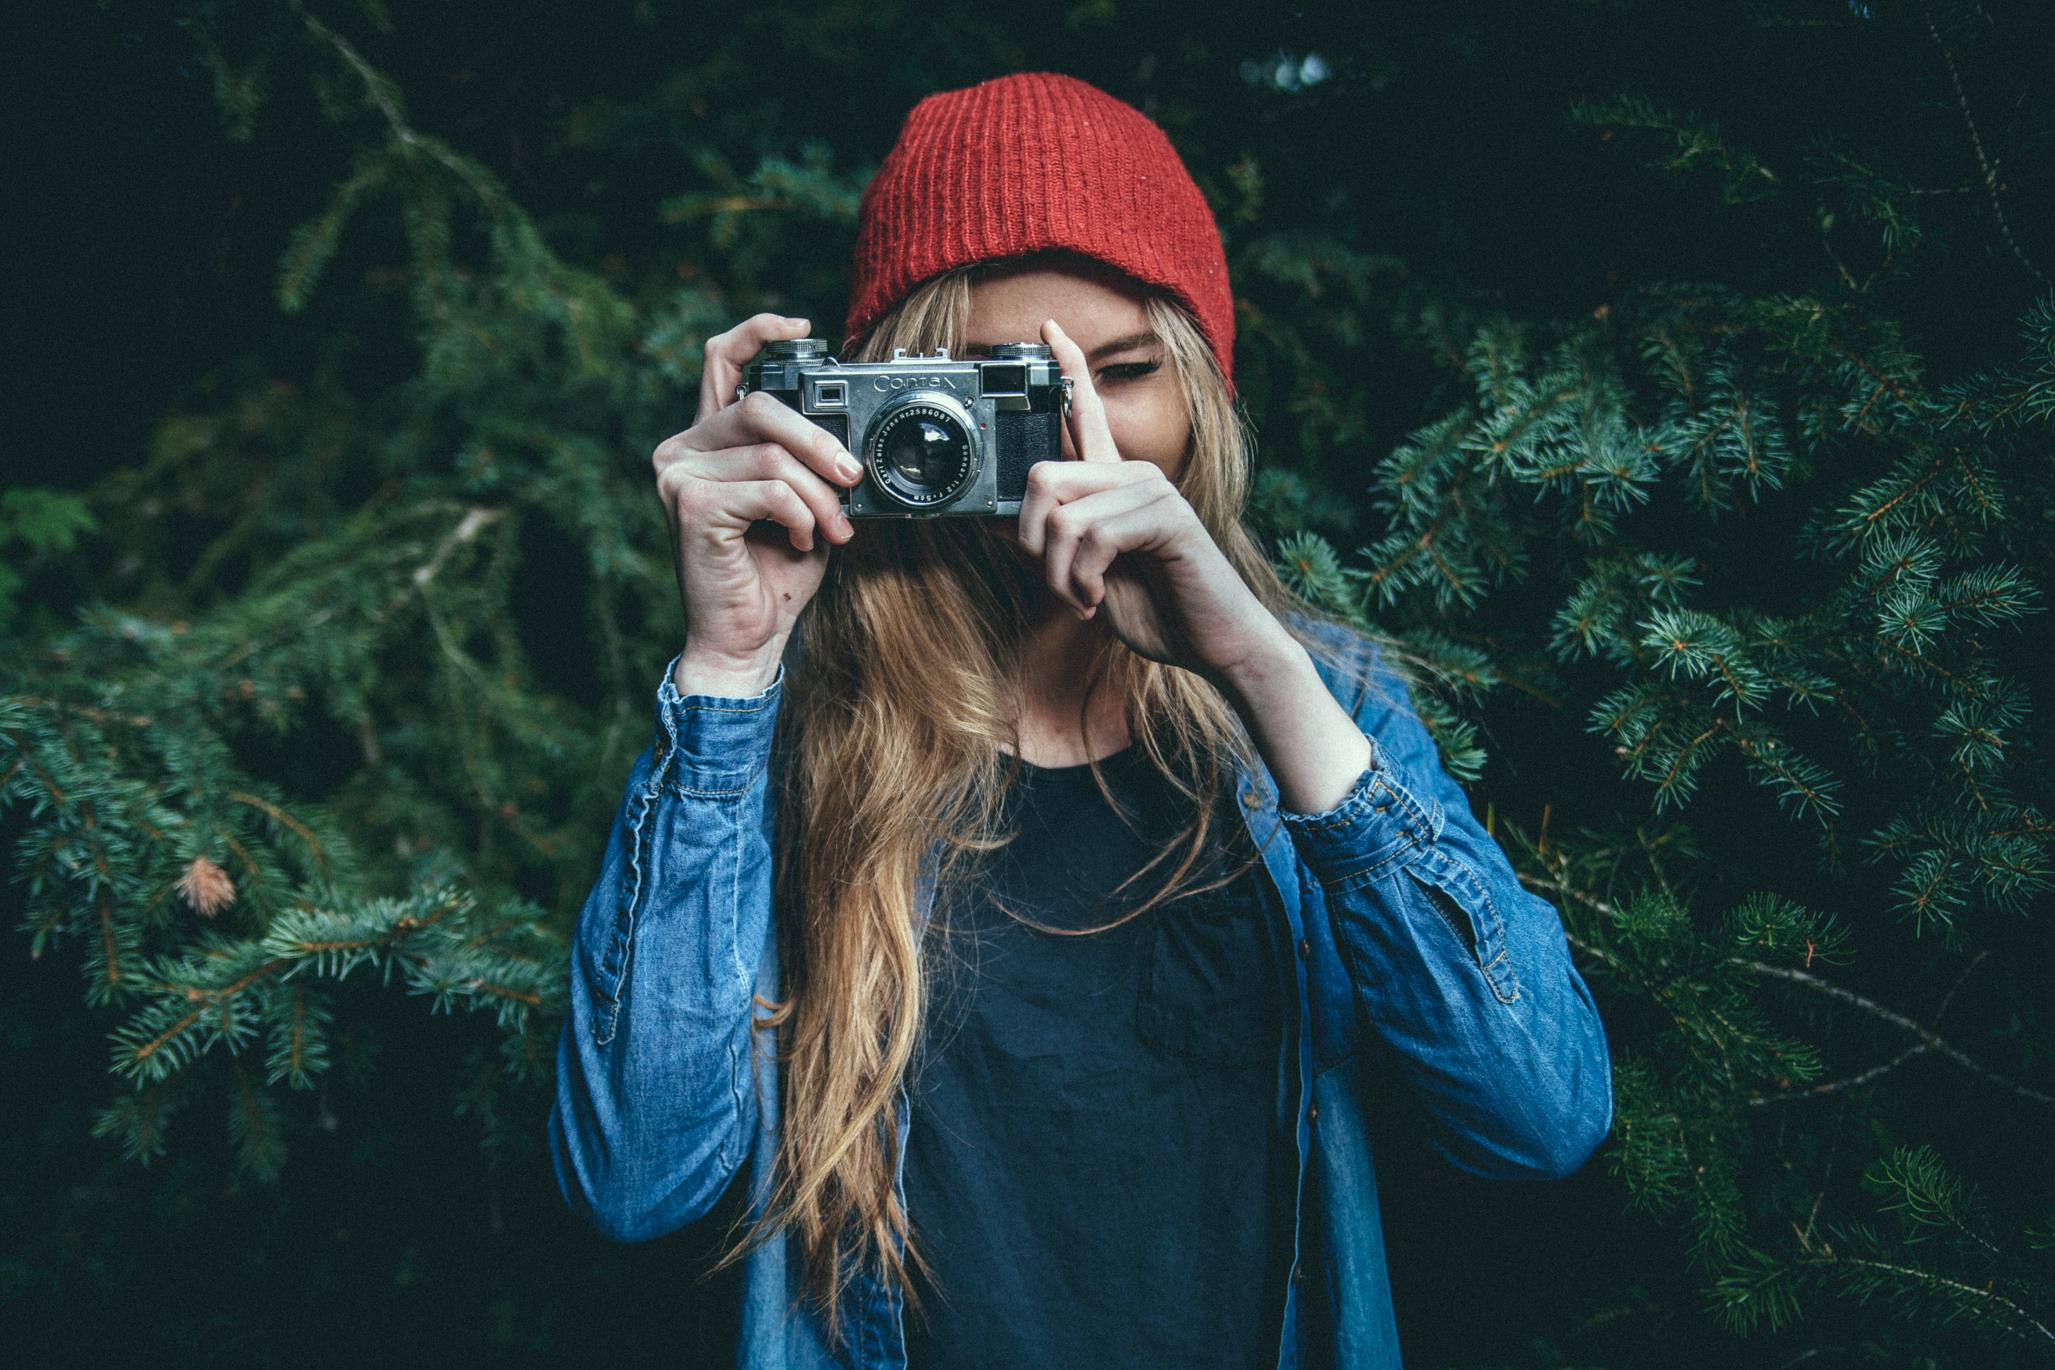 Dziewczyna ubrana na niebiesko w czerwonej czapce robi zdjęcie aparatem